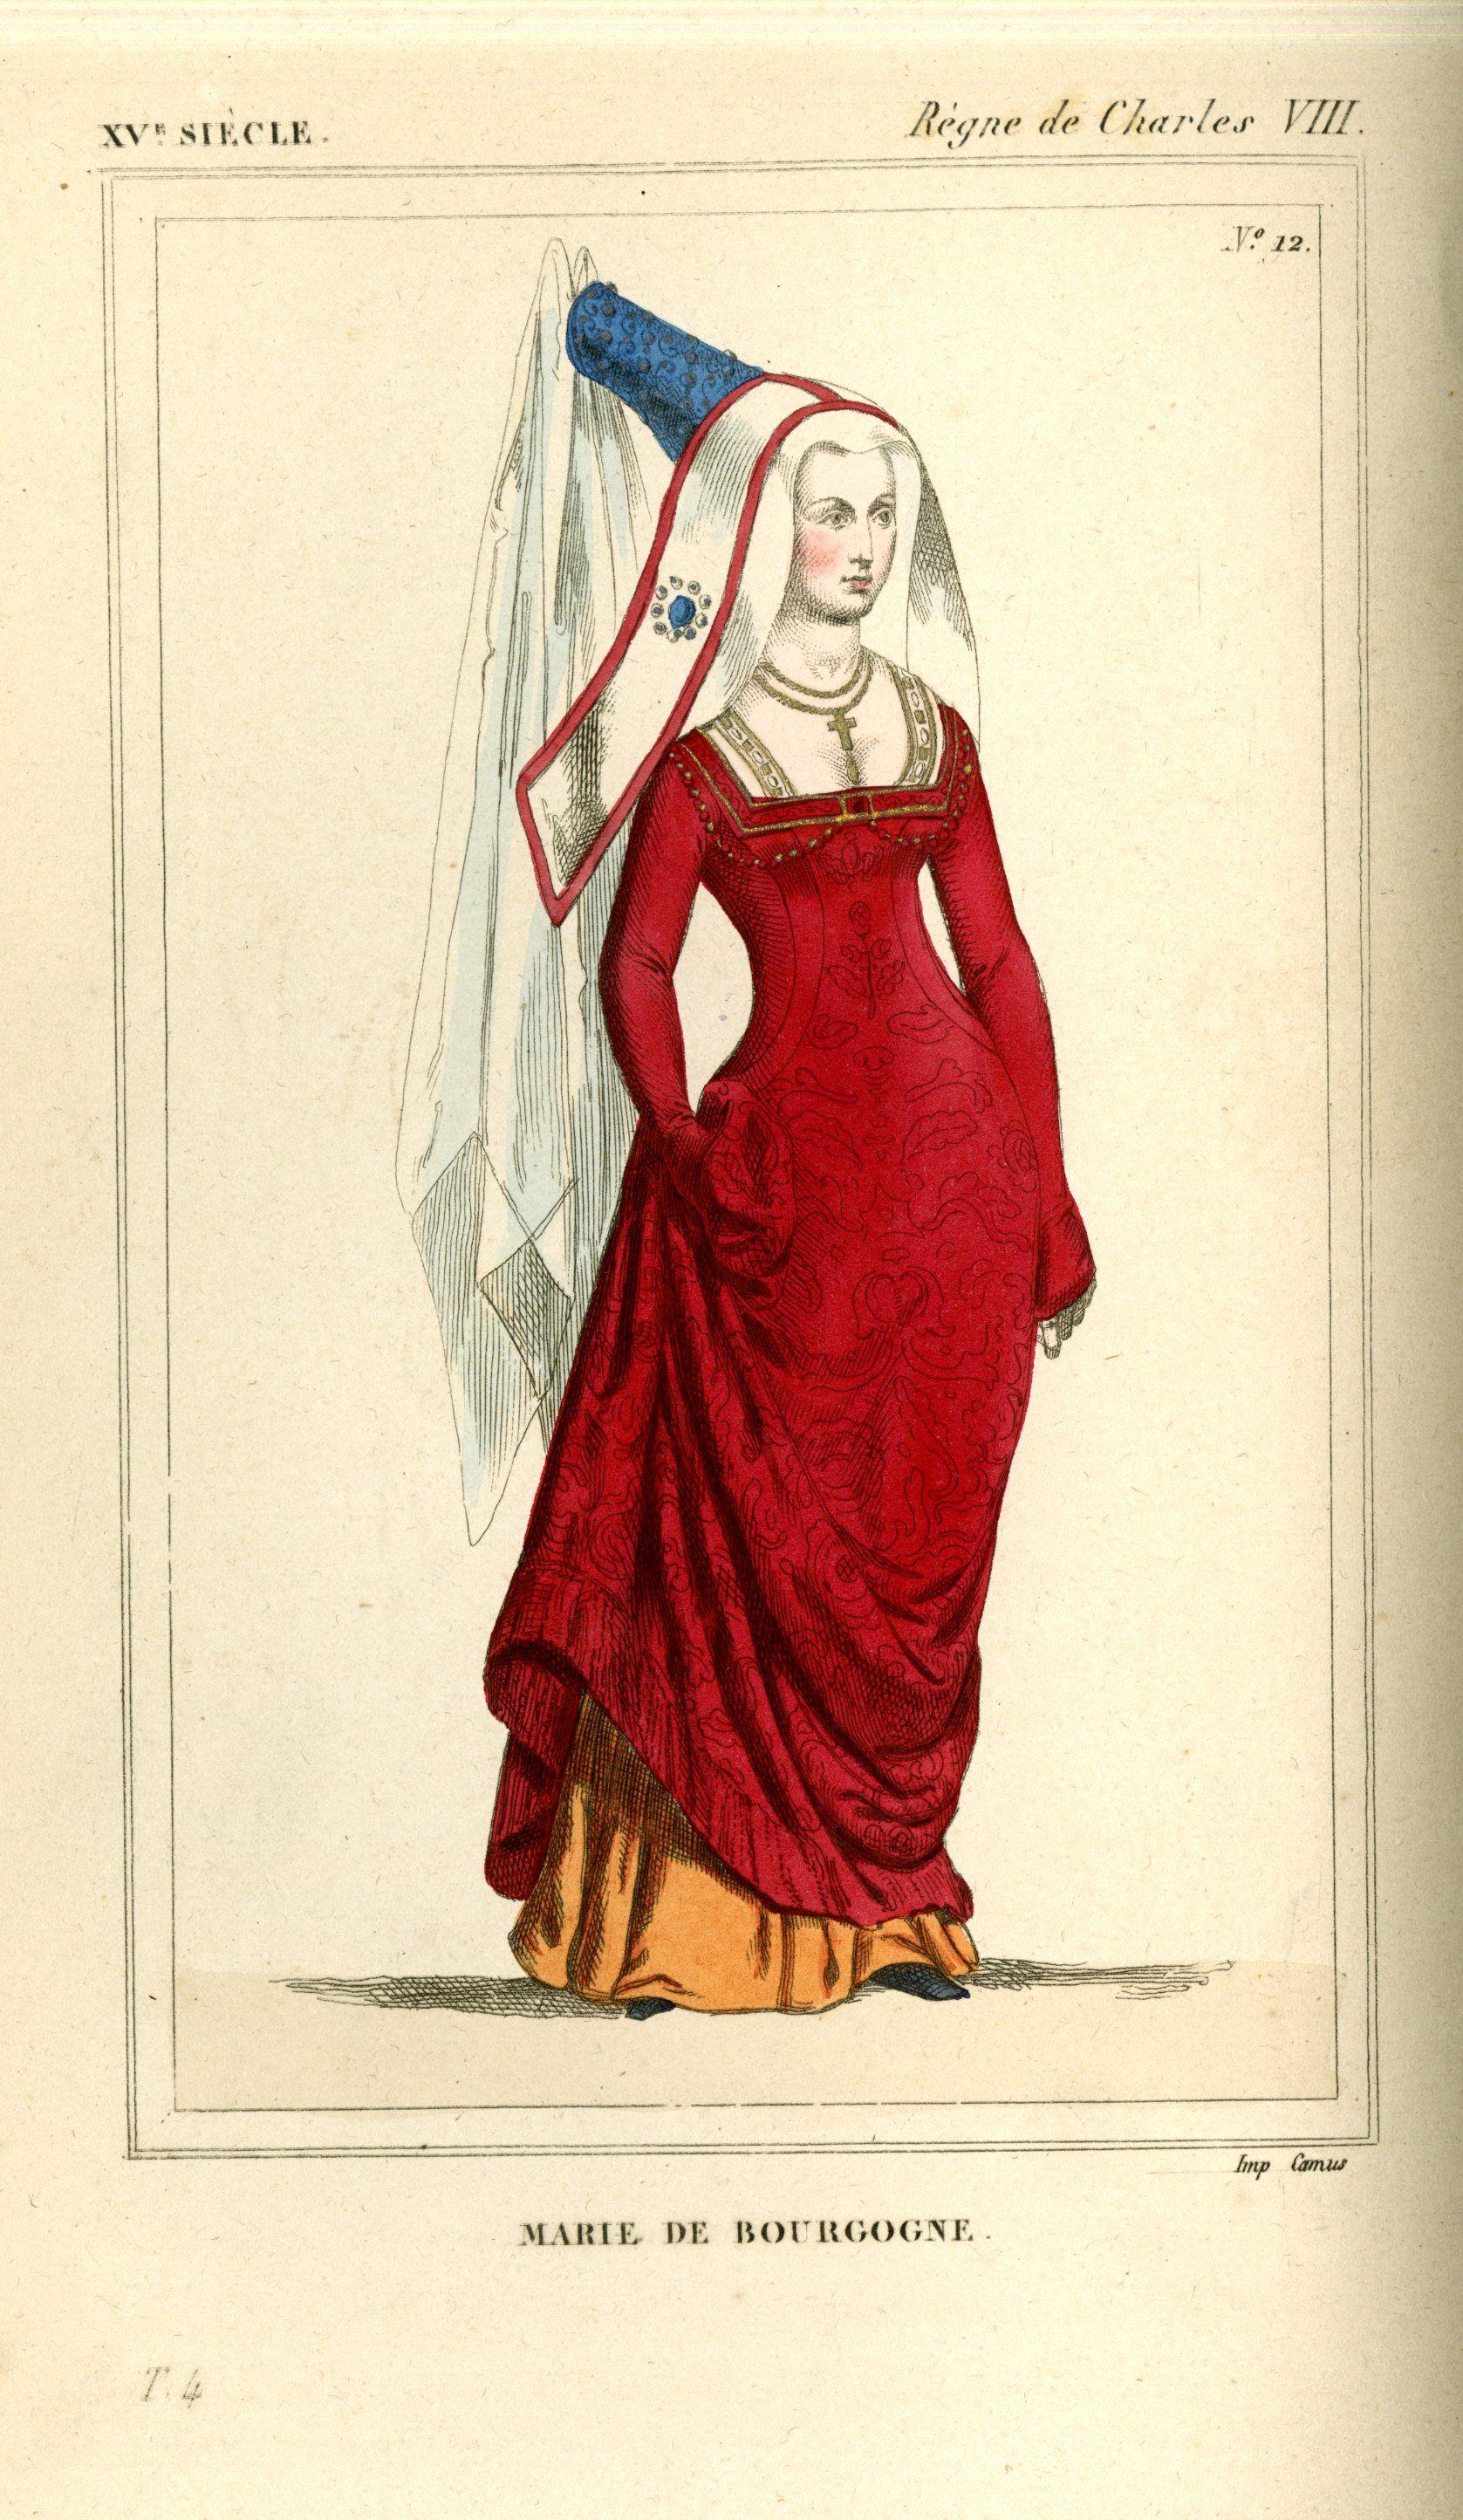 Costumes Historiques de la France, par le Bibliophile Jacob. 1852, vol. 4,  plate 12